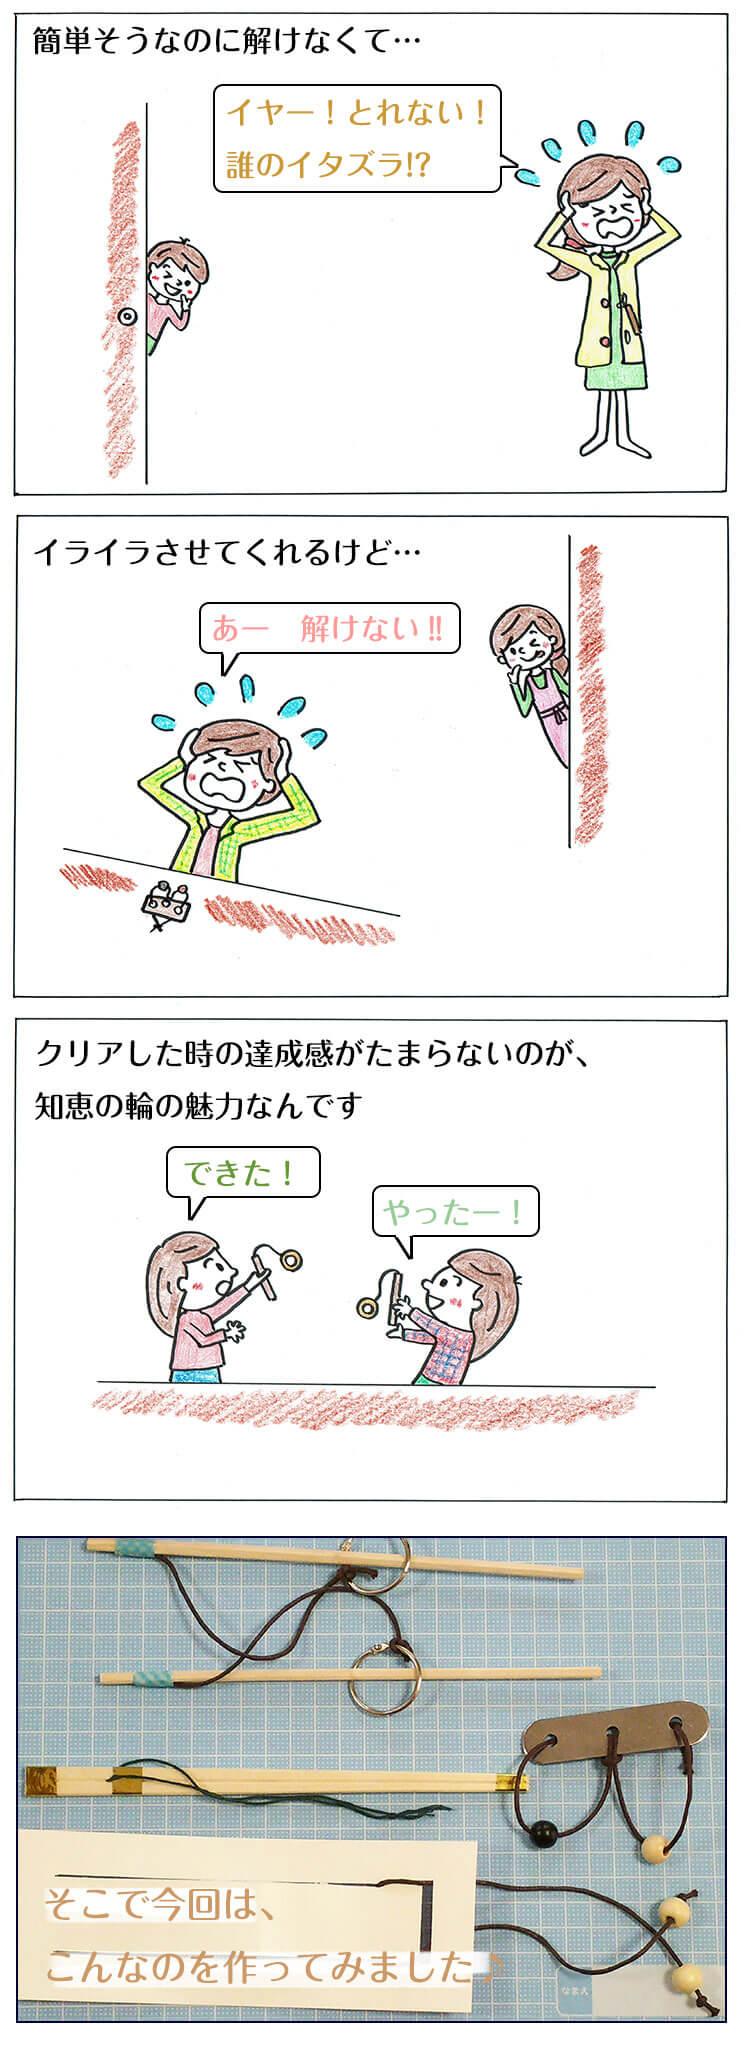 知恵の輪の漫画